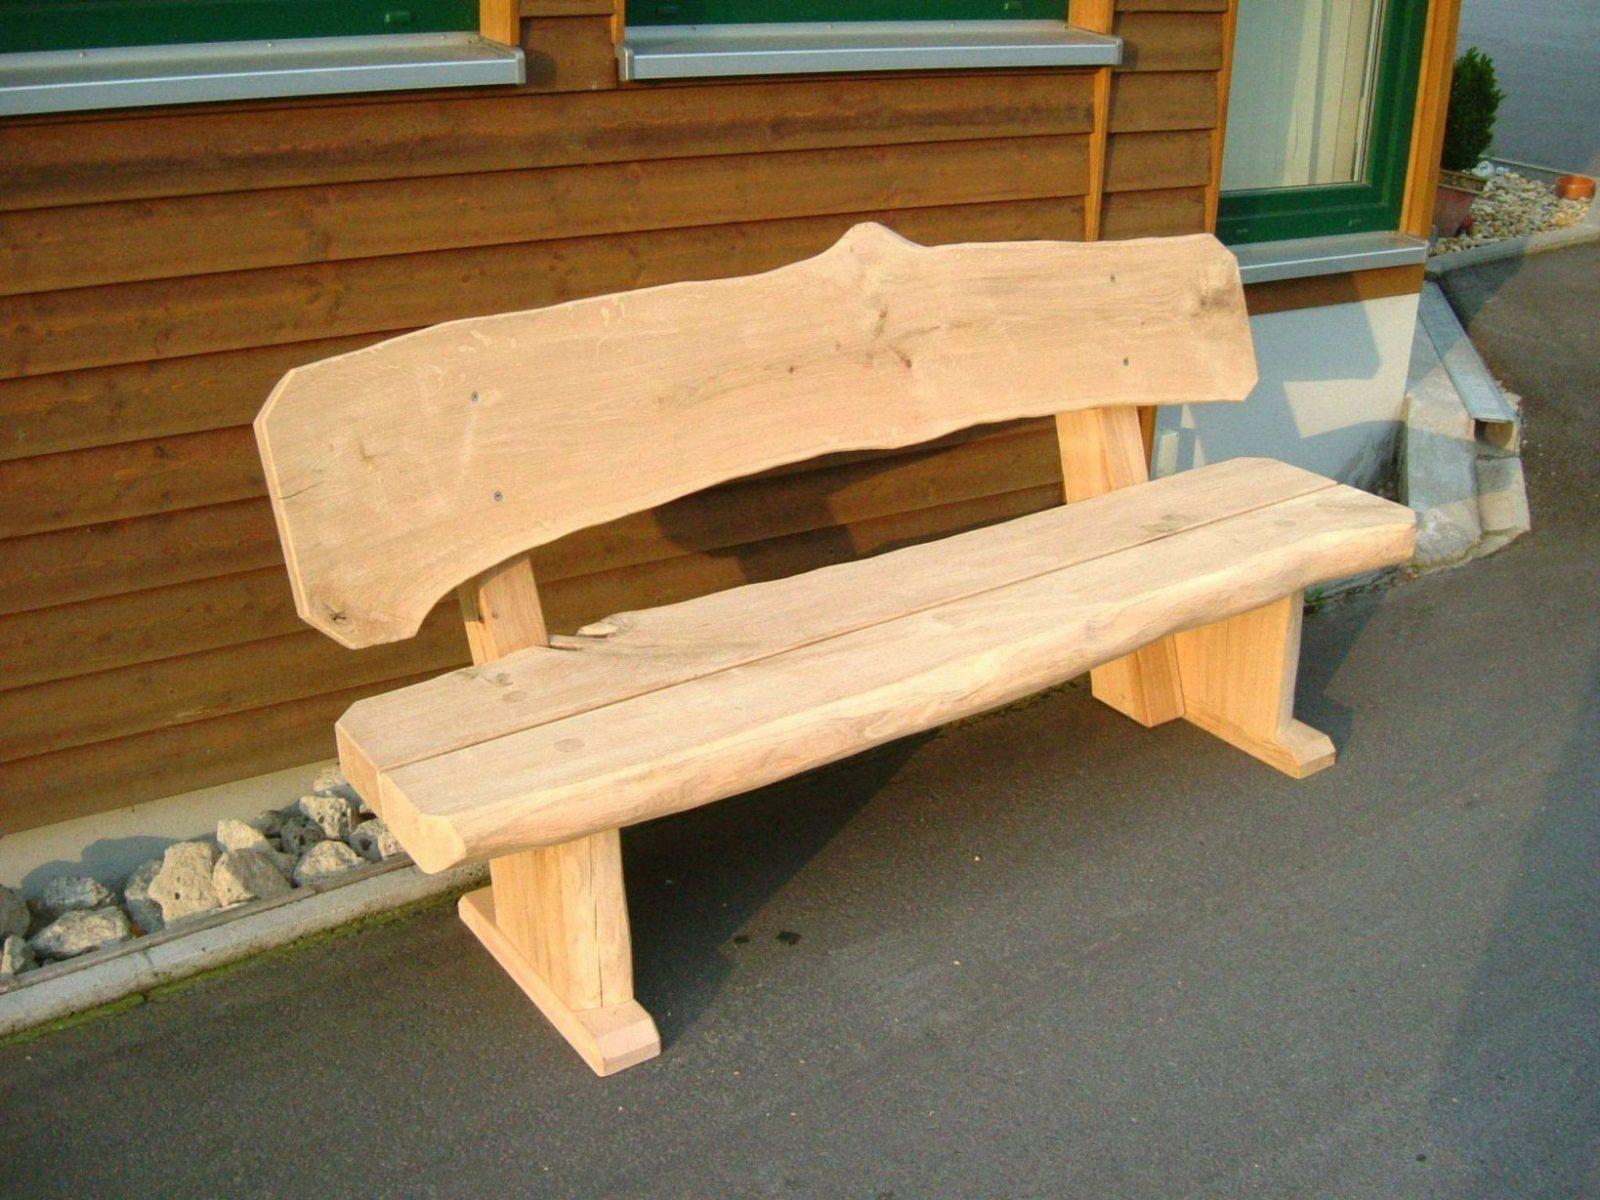 43 Schön Bild Von Gartenbank Holz Rustikal Selber Bauen Inspiration von Rustikale Holzbank Selber Bauen Bild